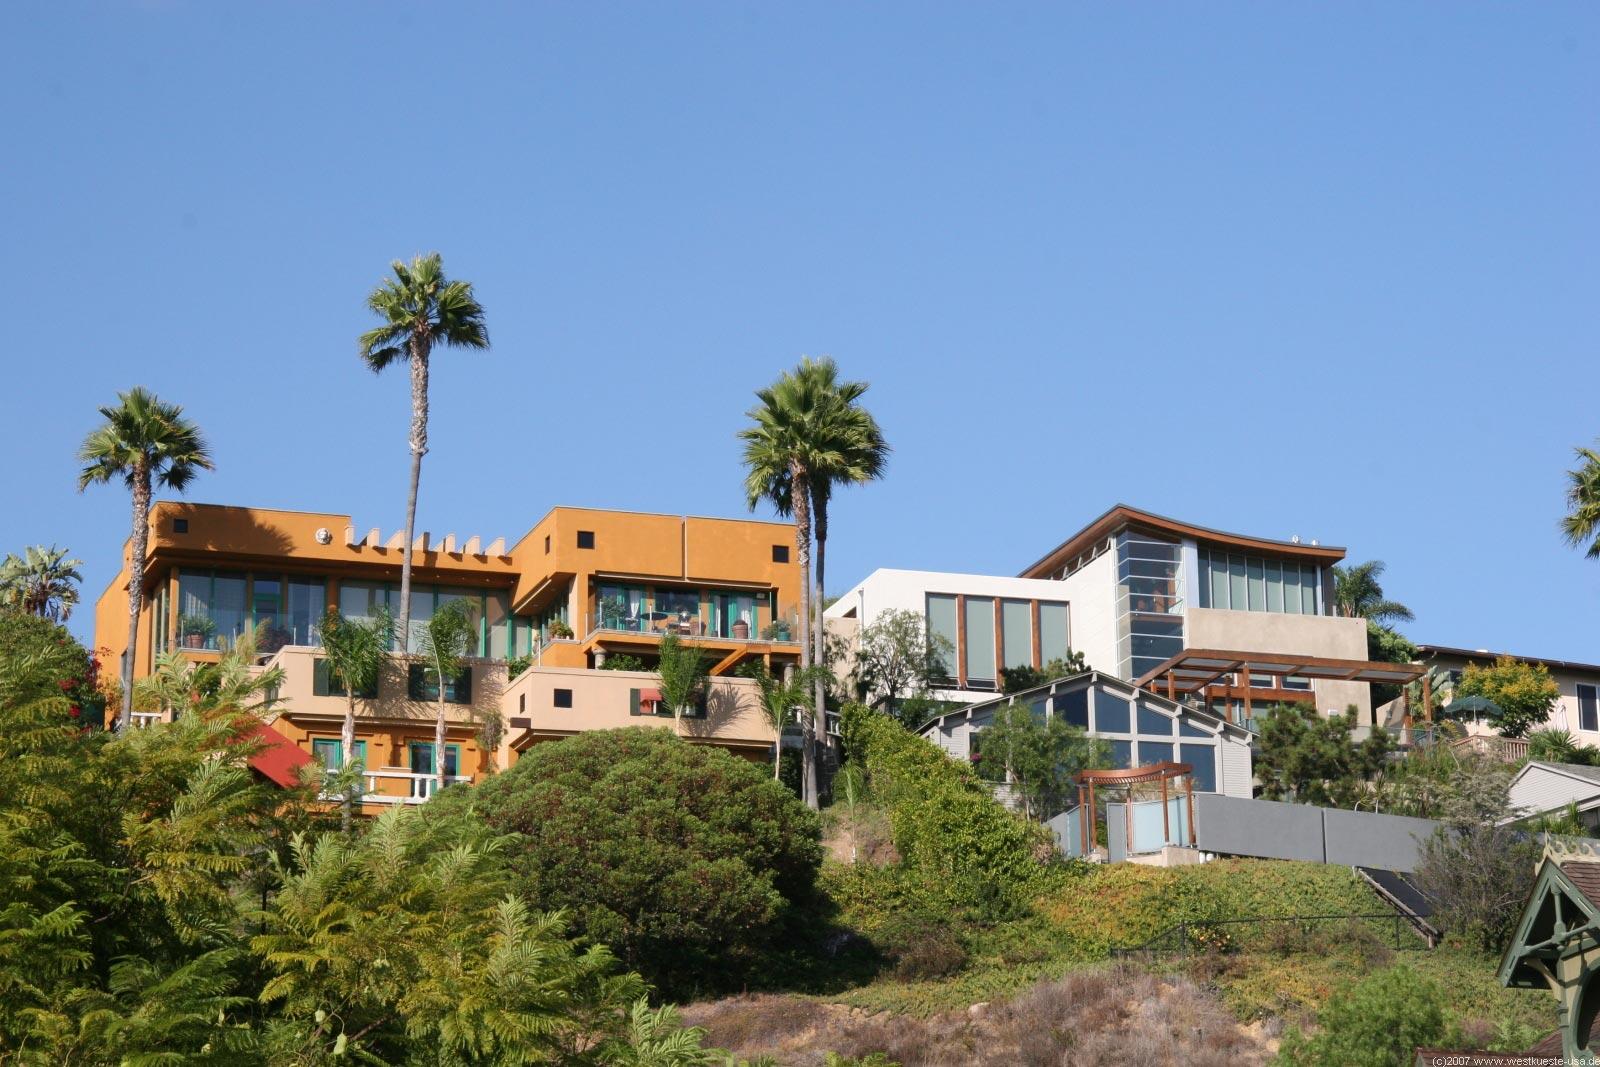 San Diego Heritage Park - Viktorianische Häuser der Old Town